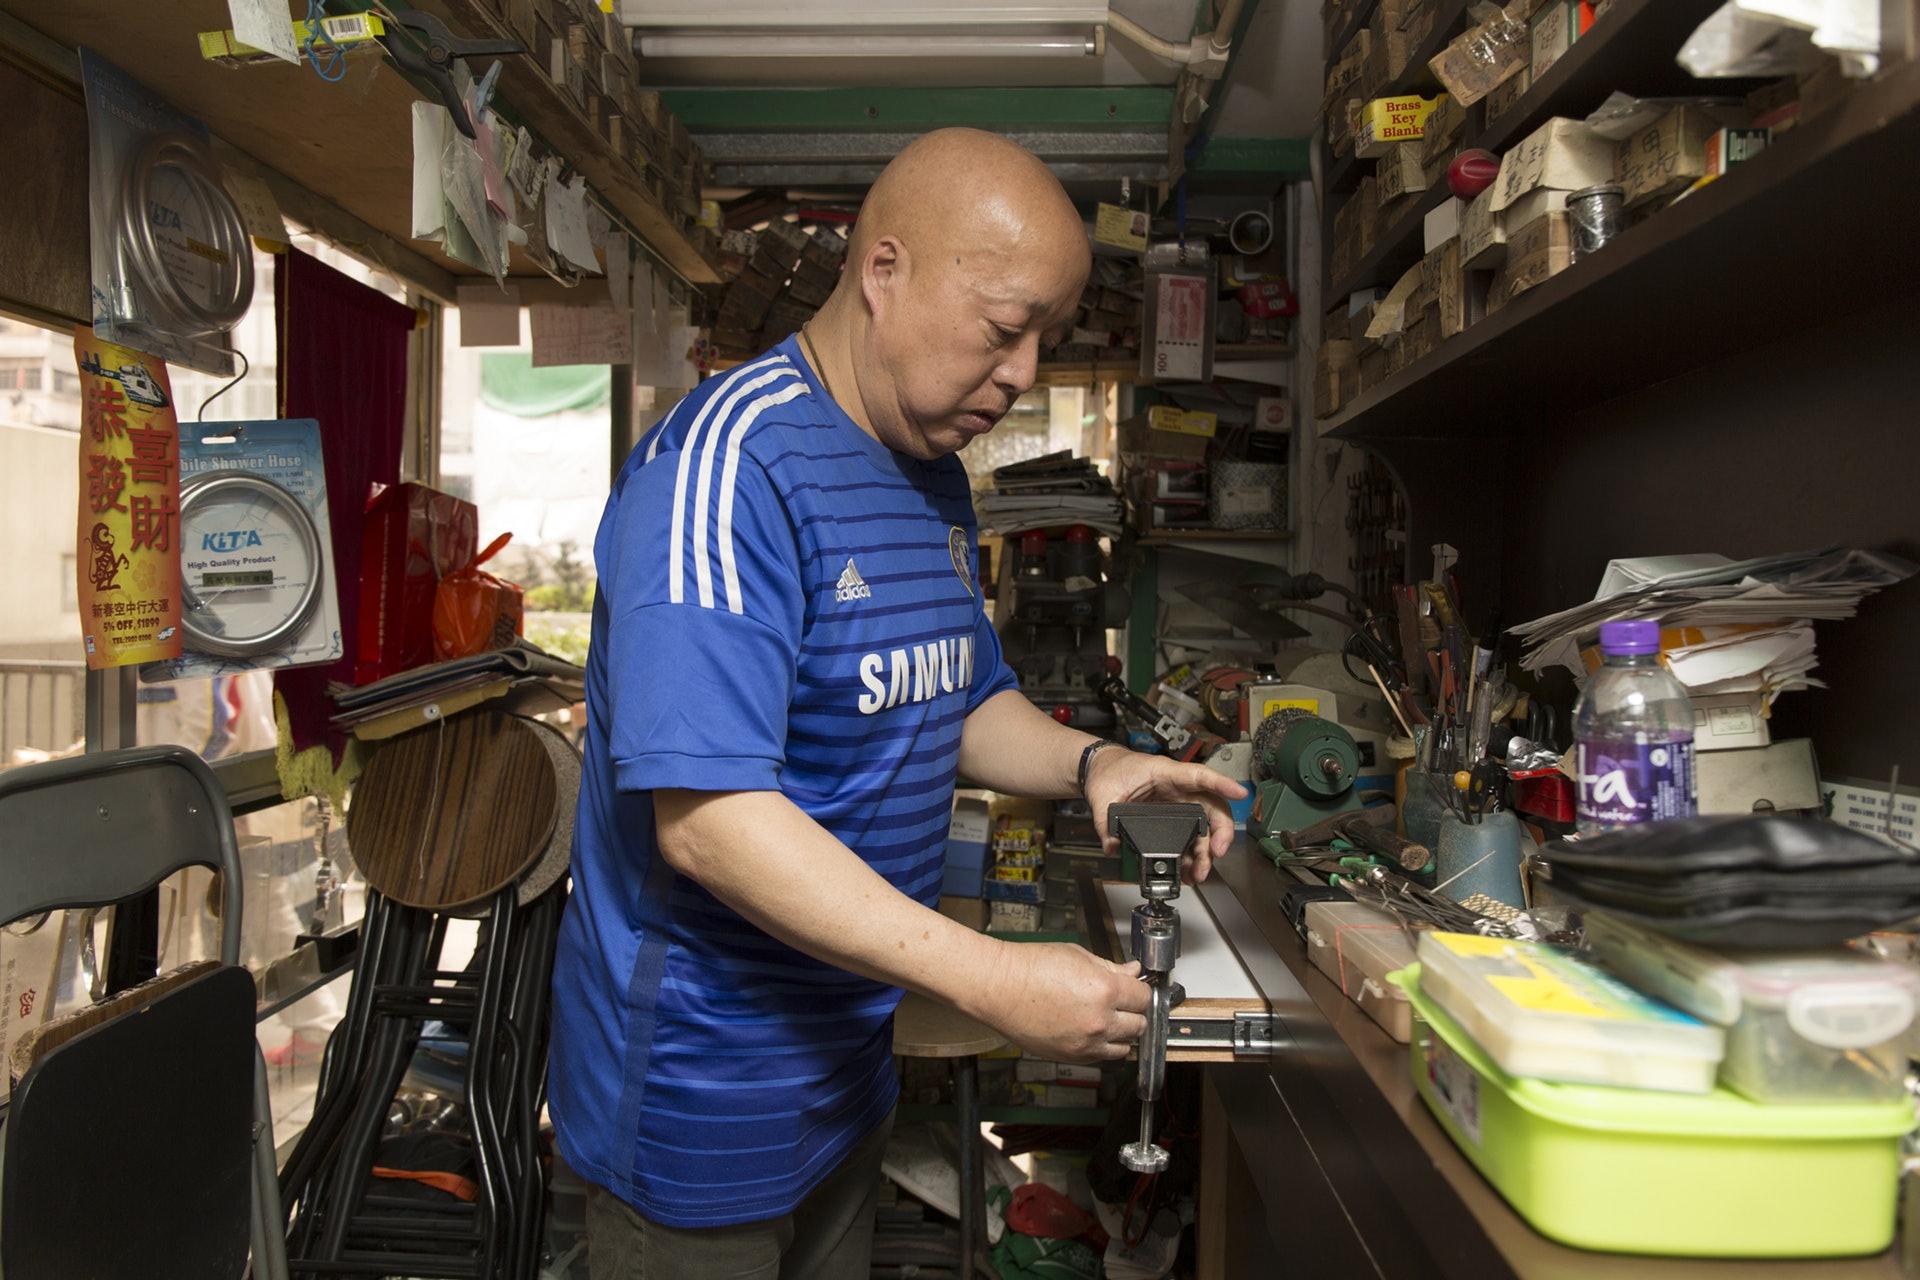 黃瑞昌,出身於鎖匠世家,50年老字號黃華記的第二代傳人,從事鎖匠超過30年。近年開班授徒,將多年累積的經驗和開鎖技術傳給下一代。